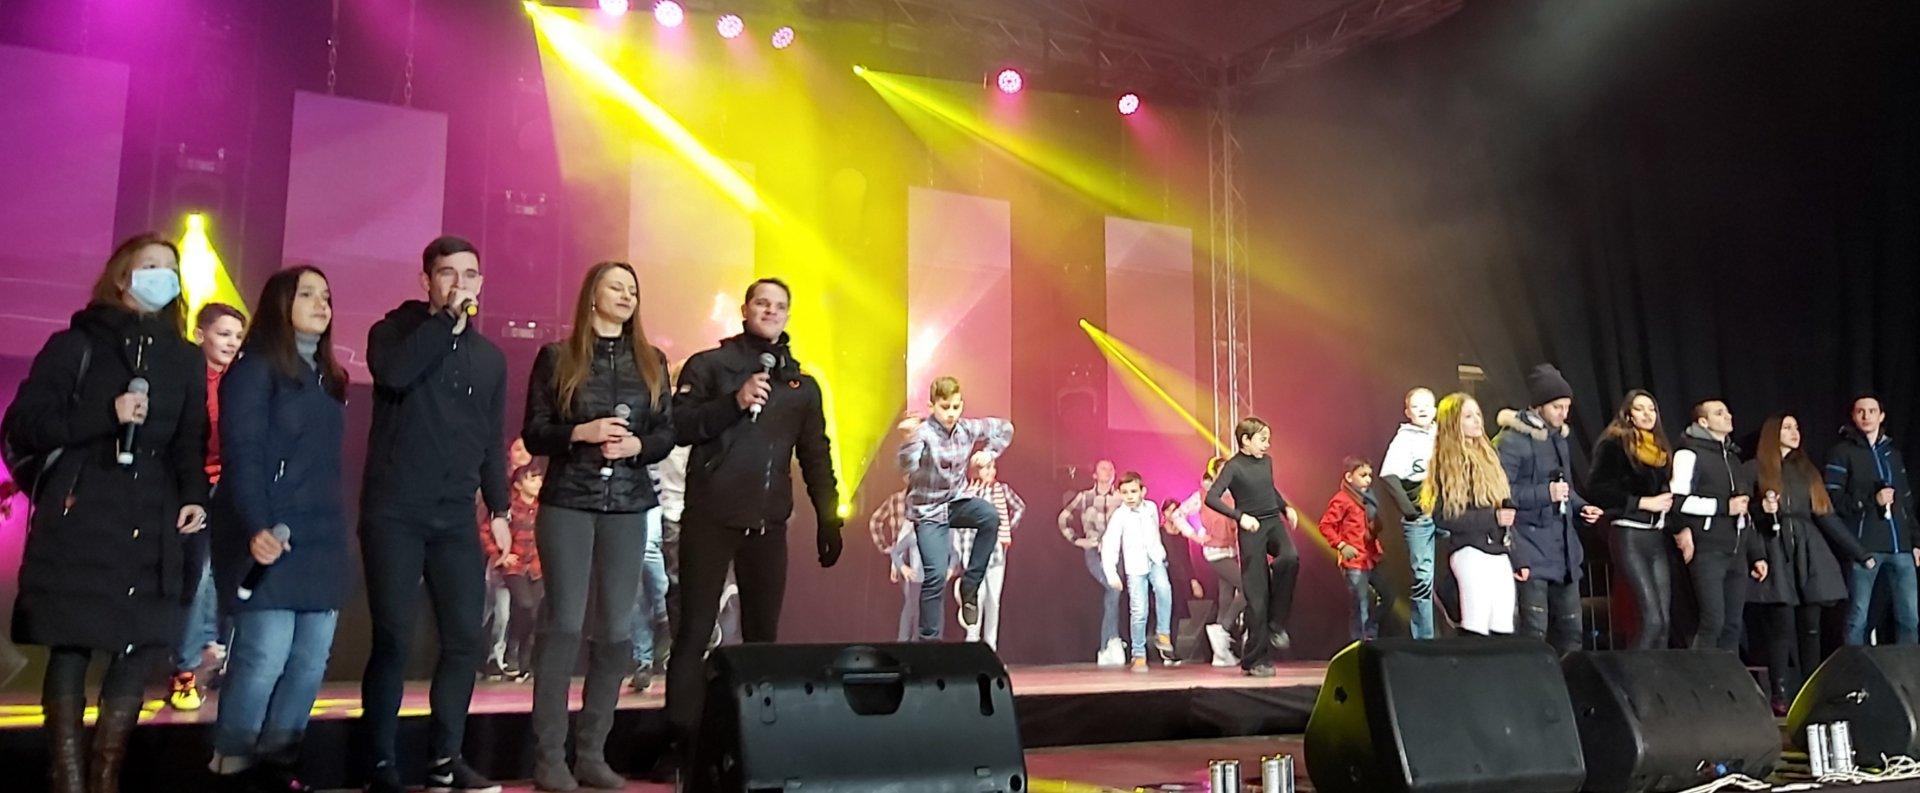 Бургаските таланти пяха и танцуваха на сцената на Тройката. Снимки Община Бургас